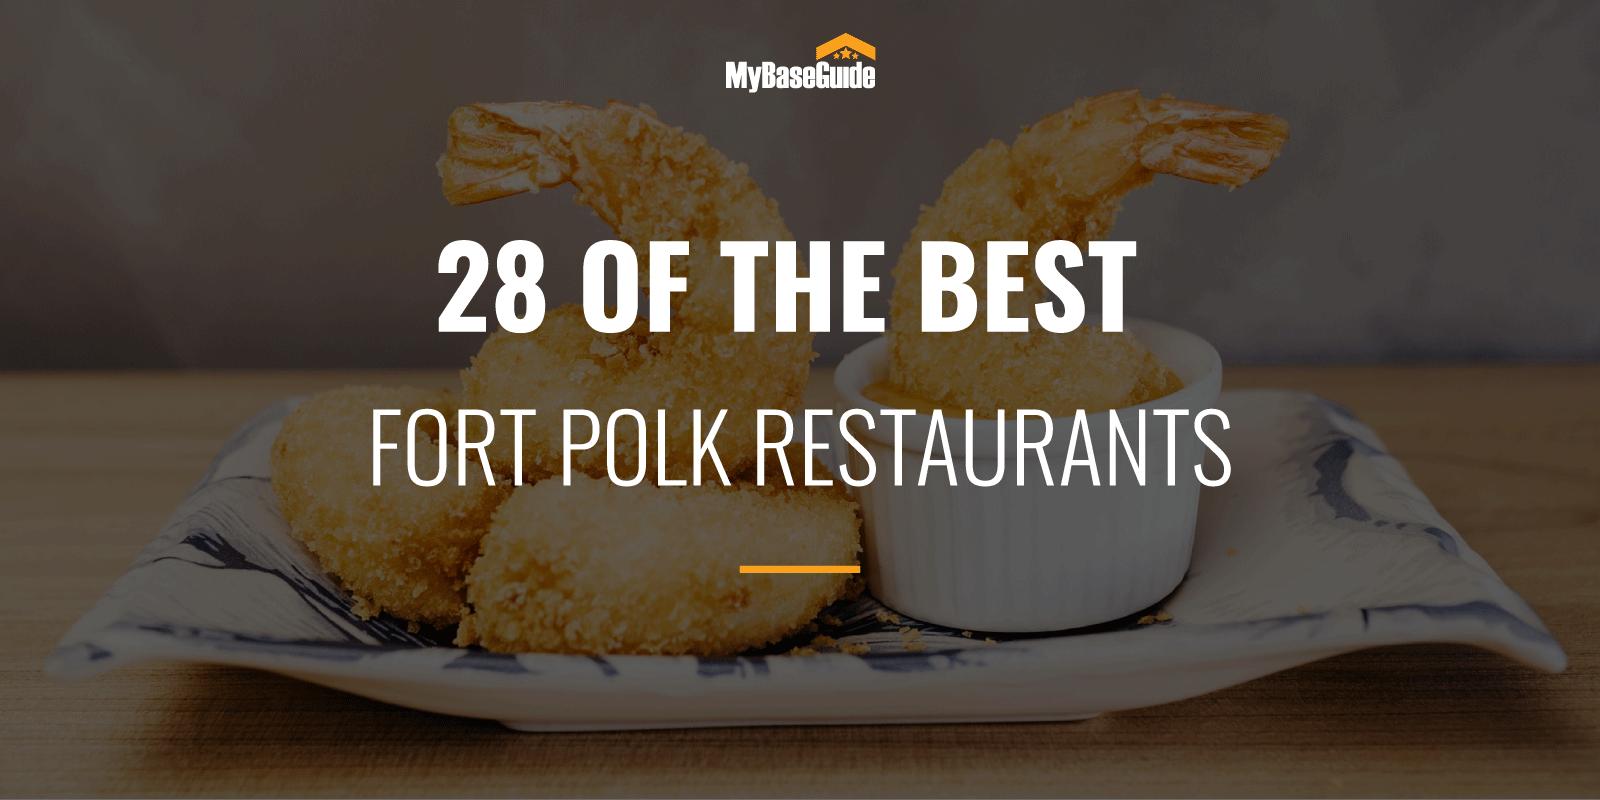 28 of the Best Fort Polk Restaurants